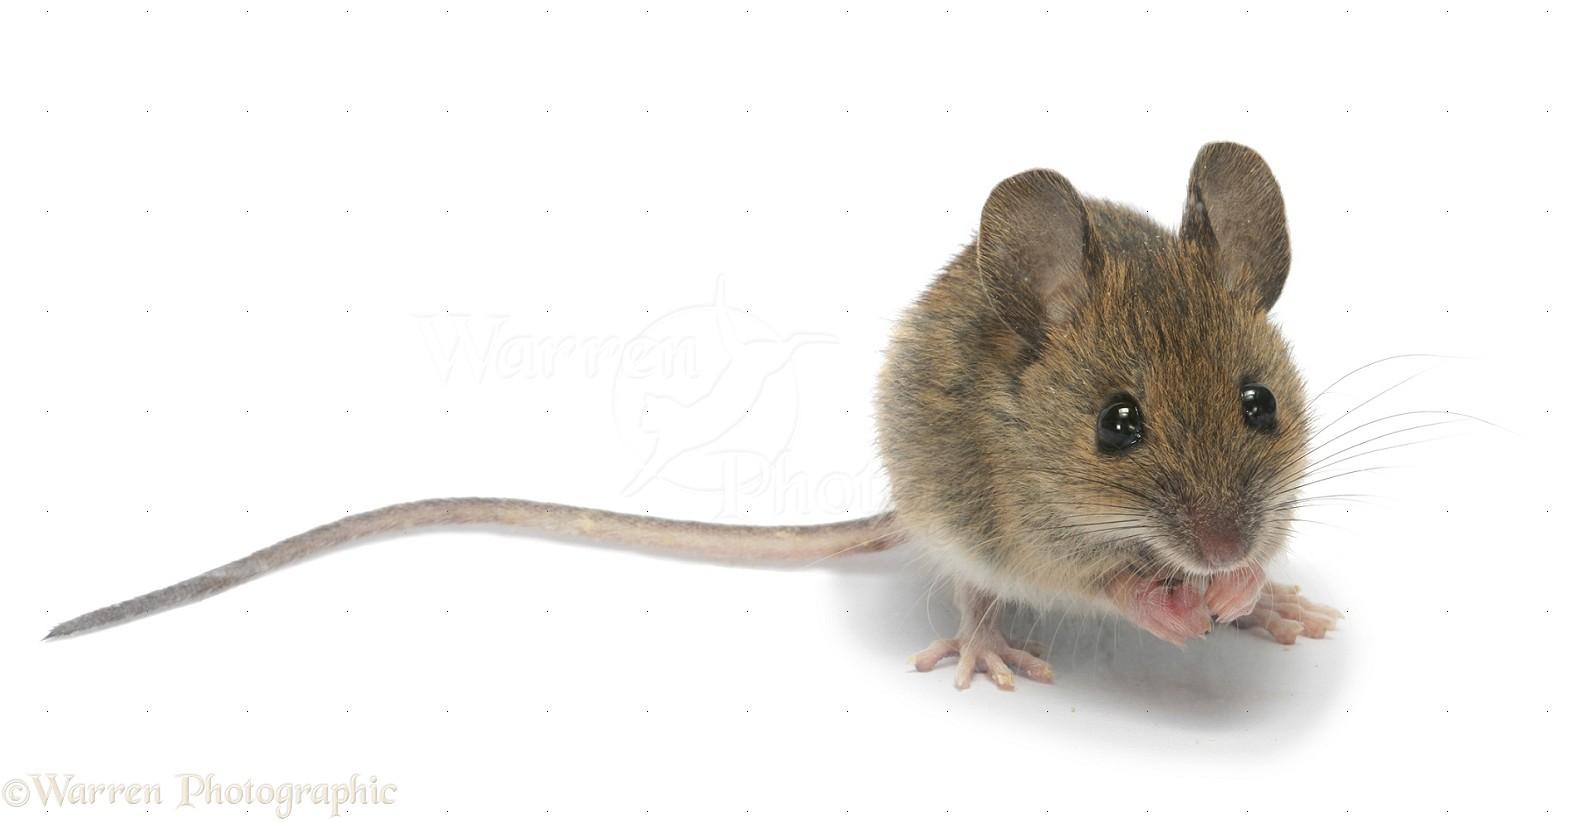 Wood Mouse Photo Wp26016